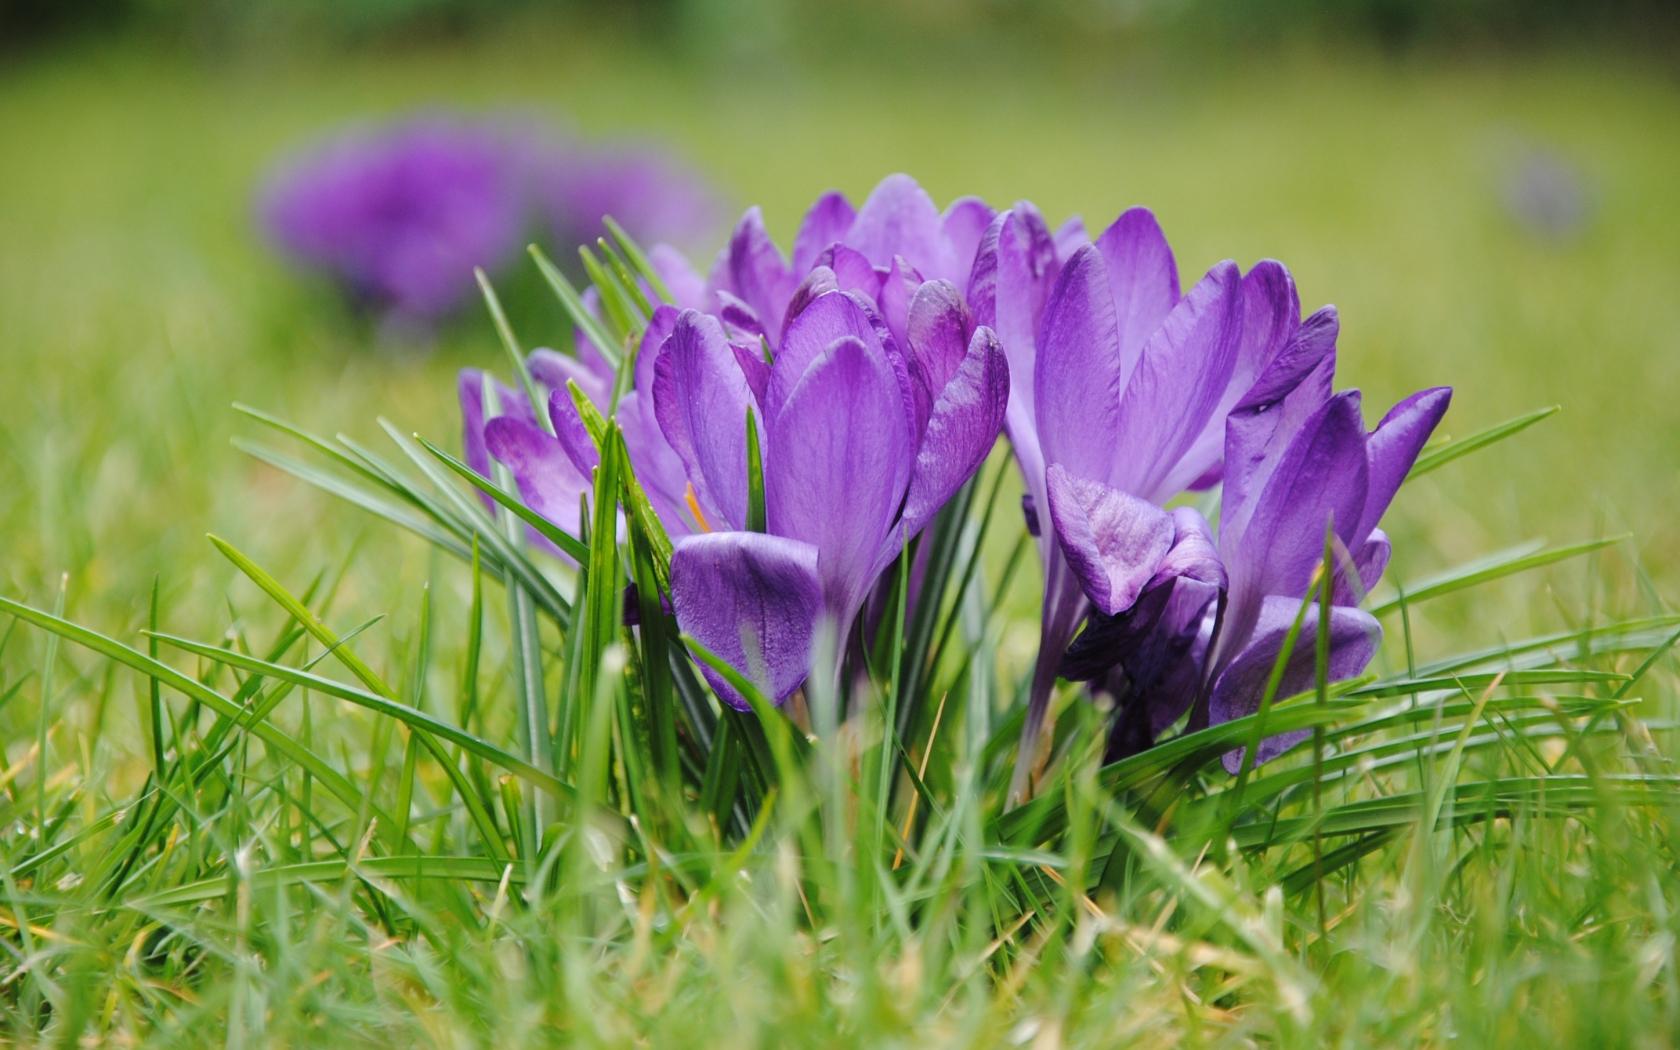 1680x1050 wallpaper Purple crocus, flowers, grass, bloom